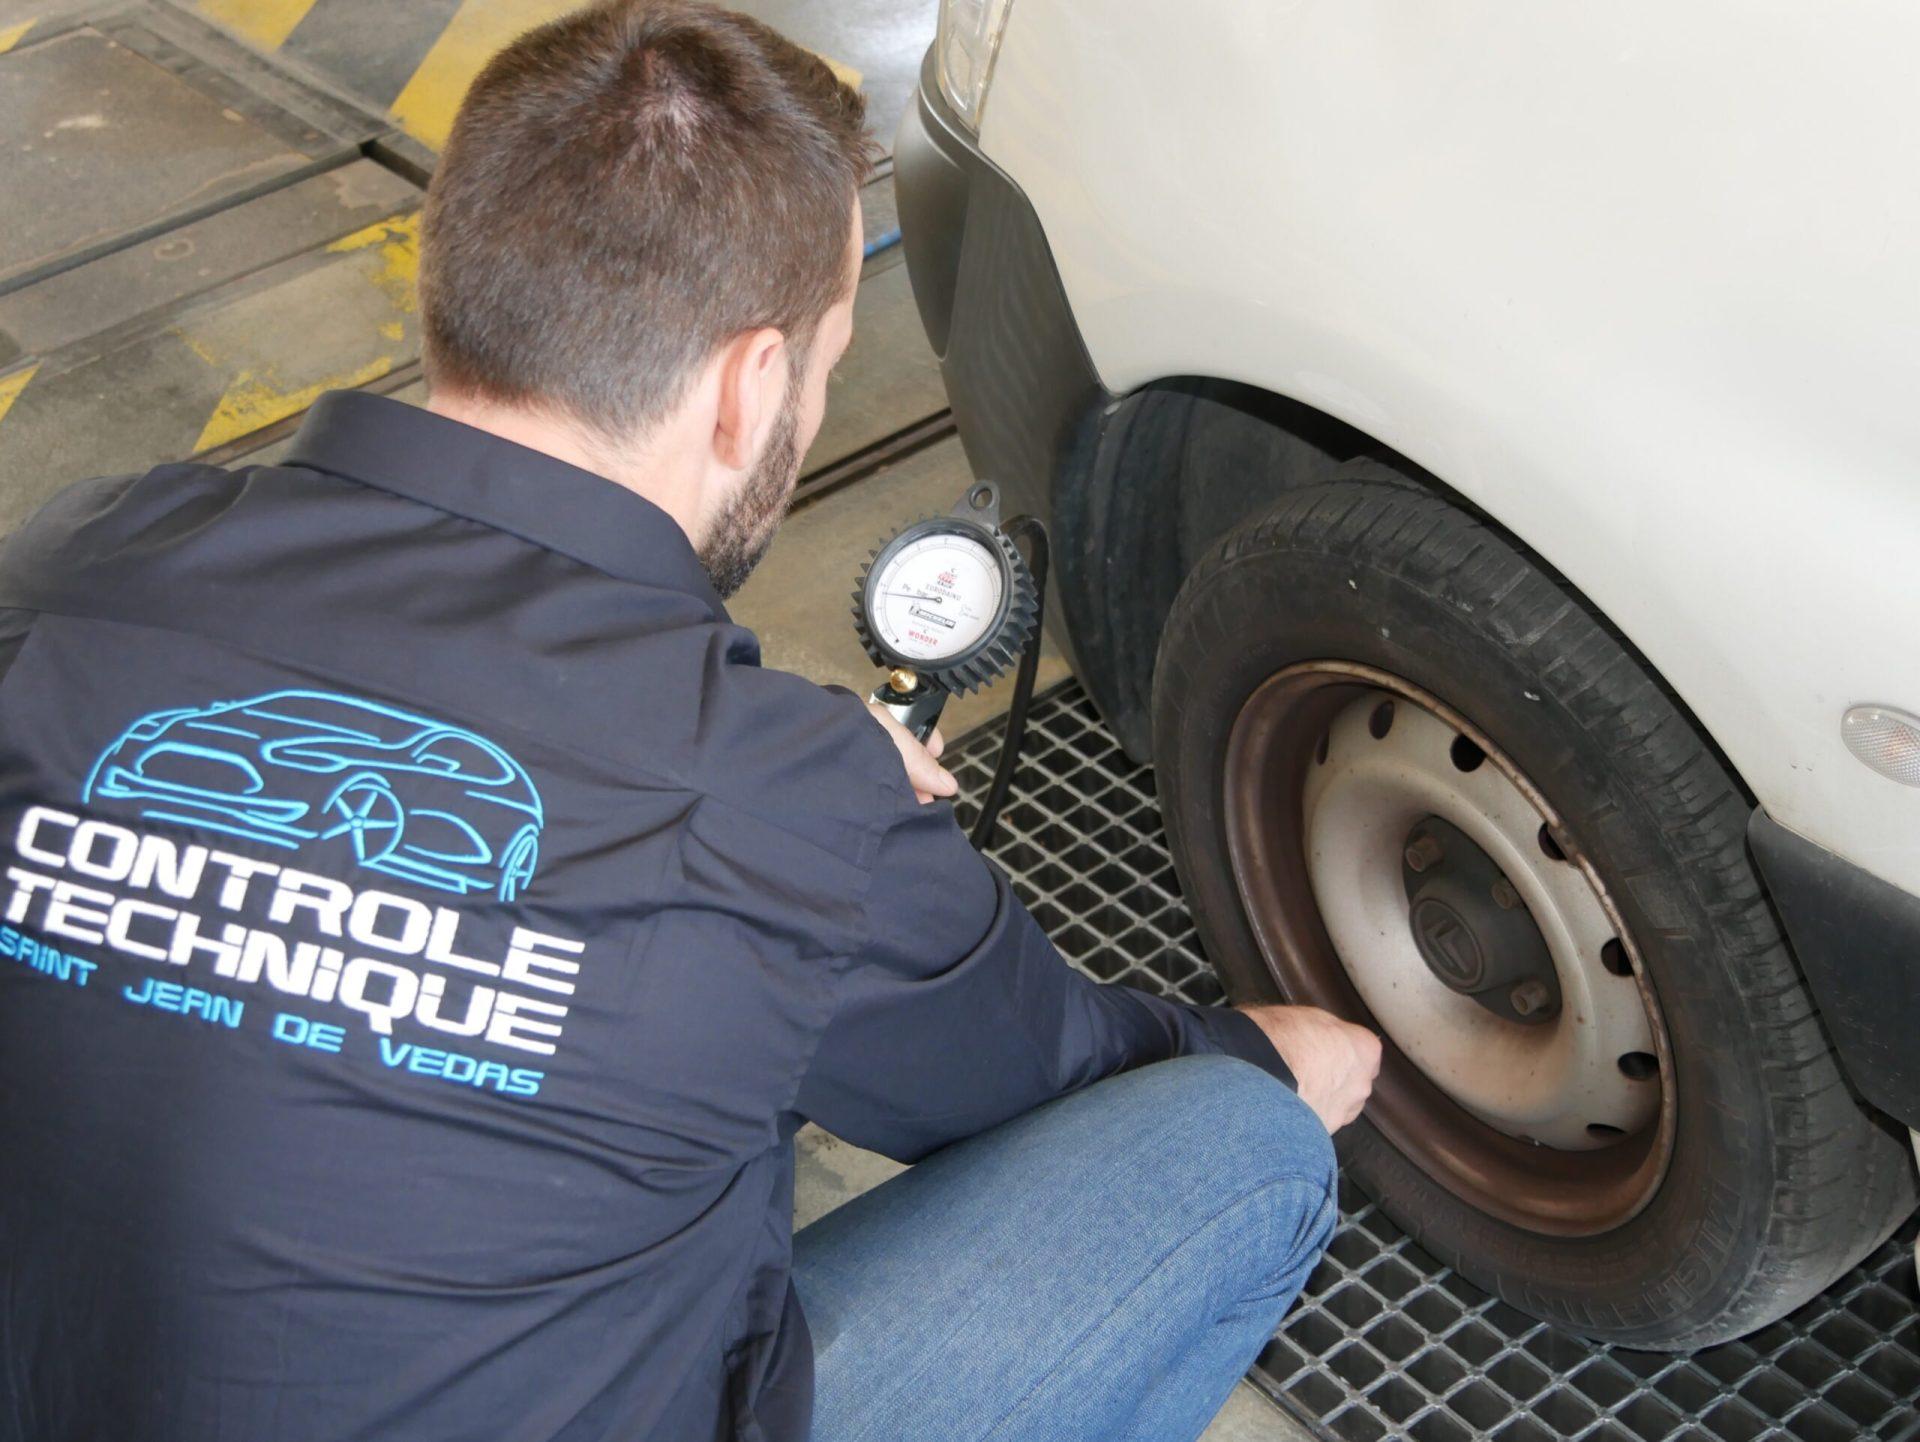 Contrôle technique Montpellier - véhicules utilitaires